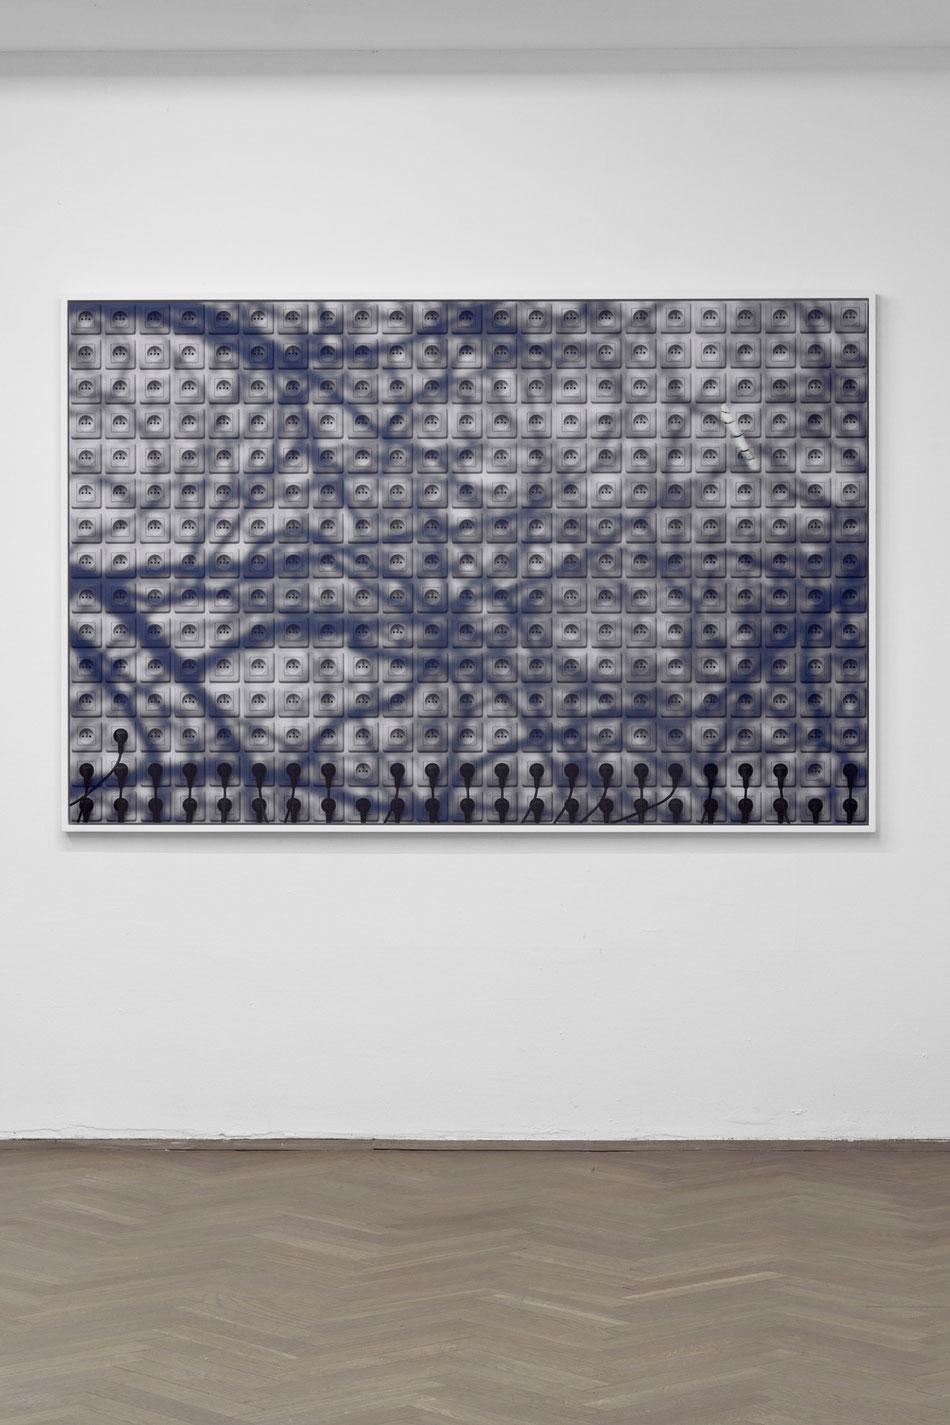 Unplanned images | Obrazy nieplanowane, 2014, Diasec, frame, 200x130 cm